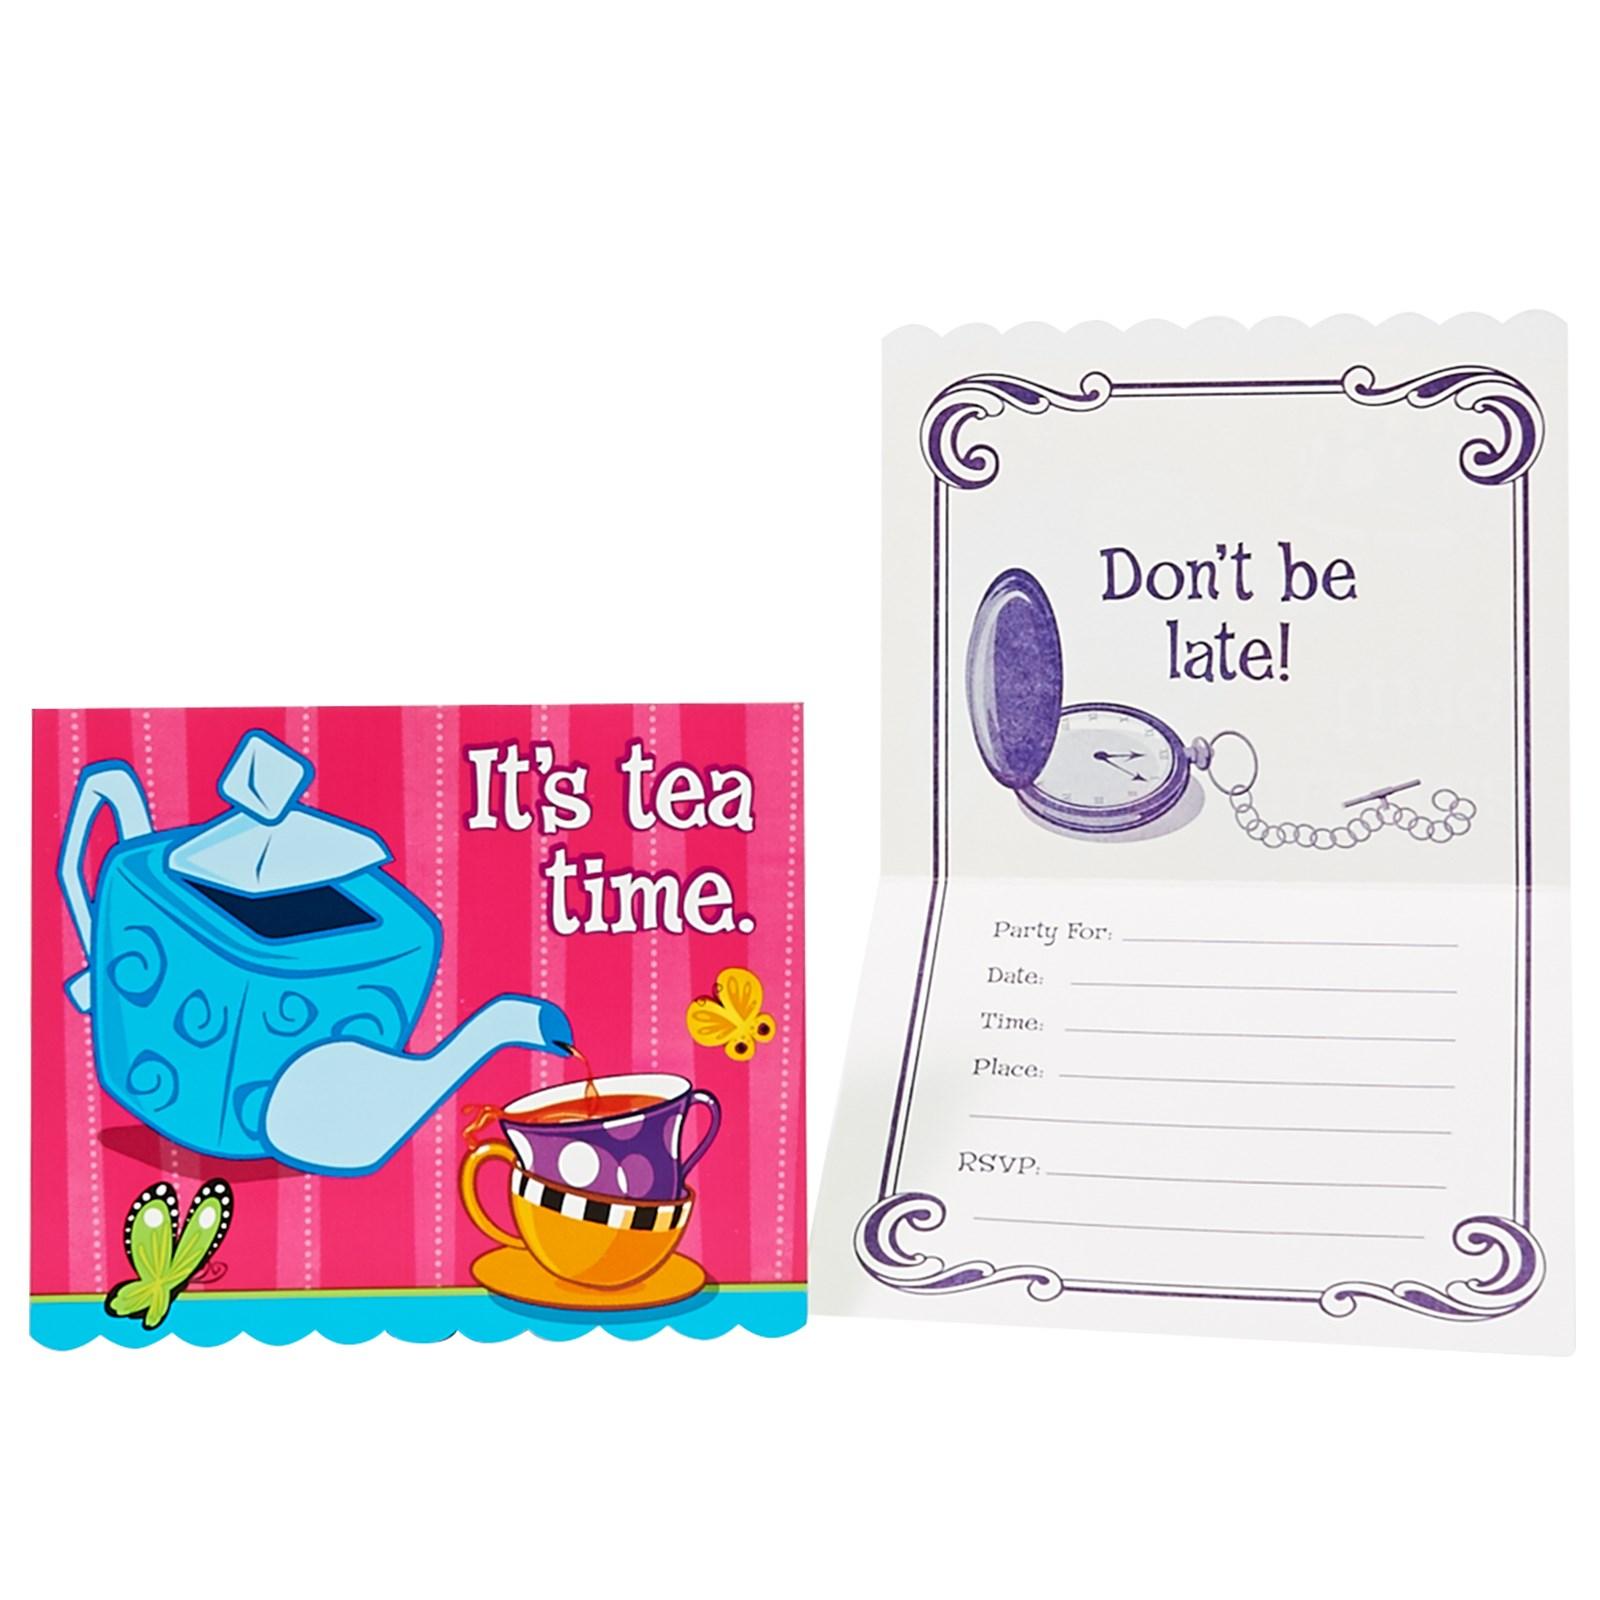 tea party photo invitations